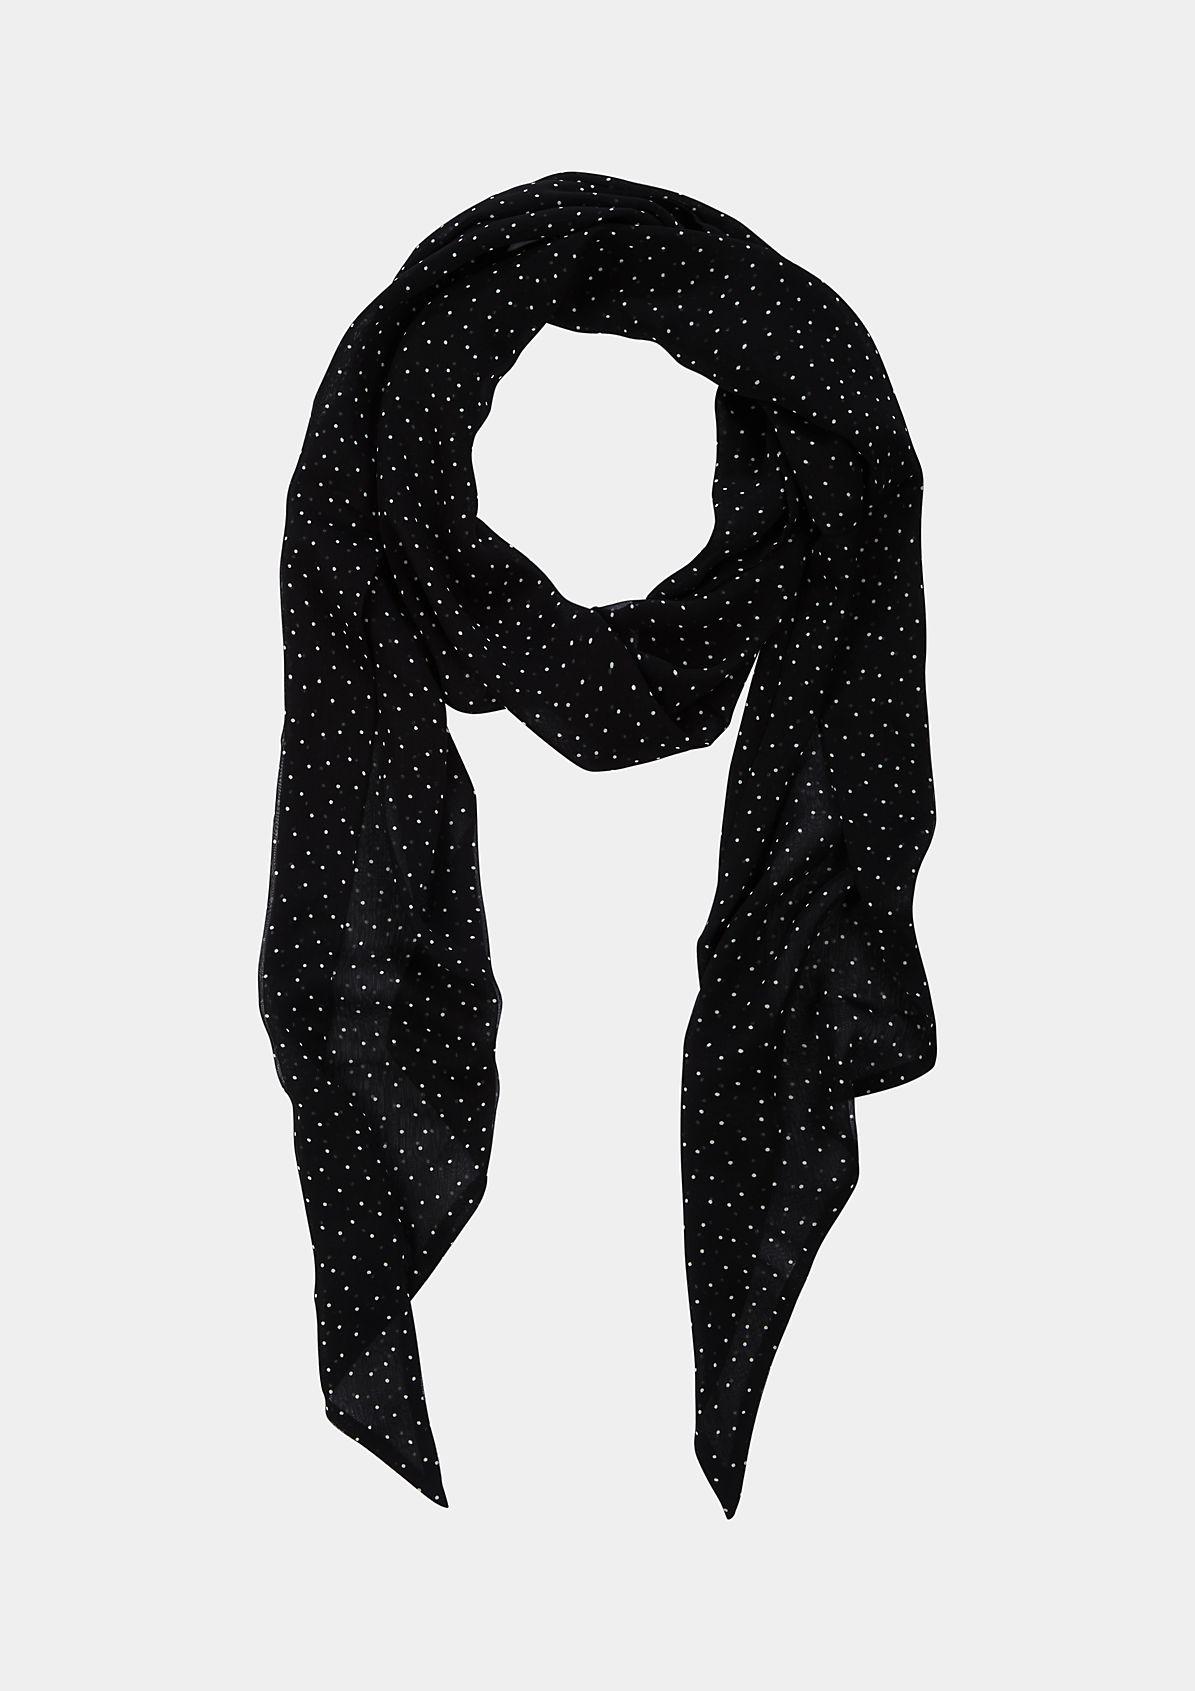 Schmaler Chiffonschal mit schönen Details